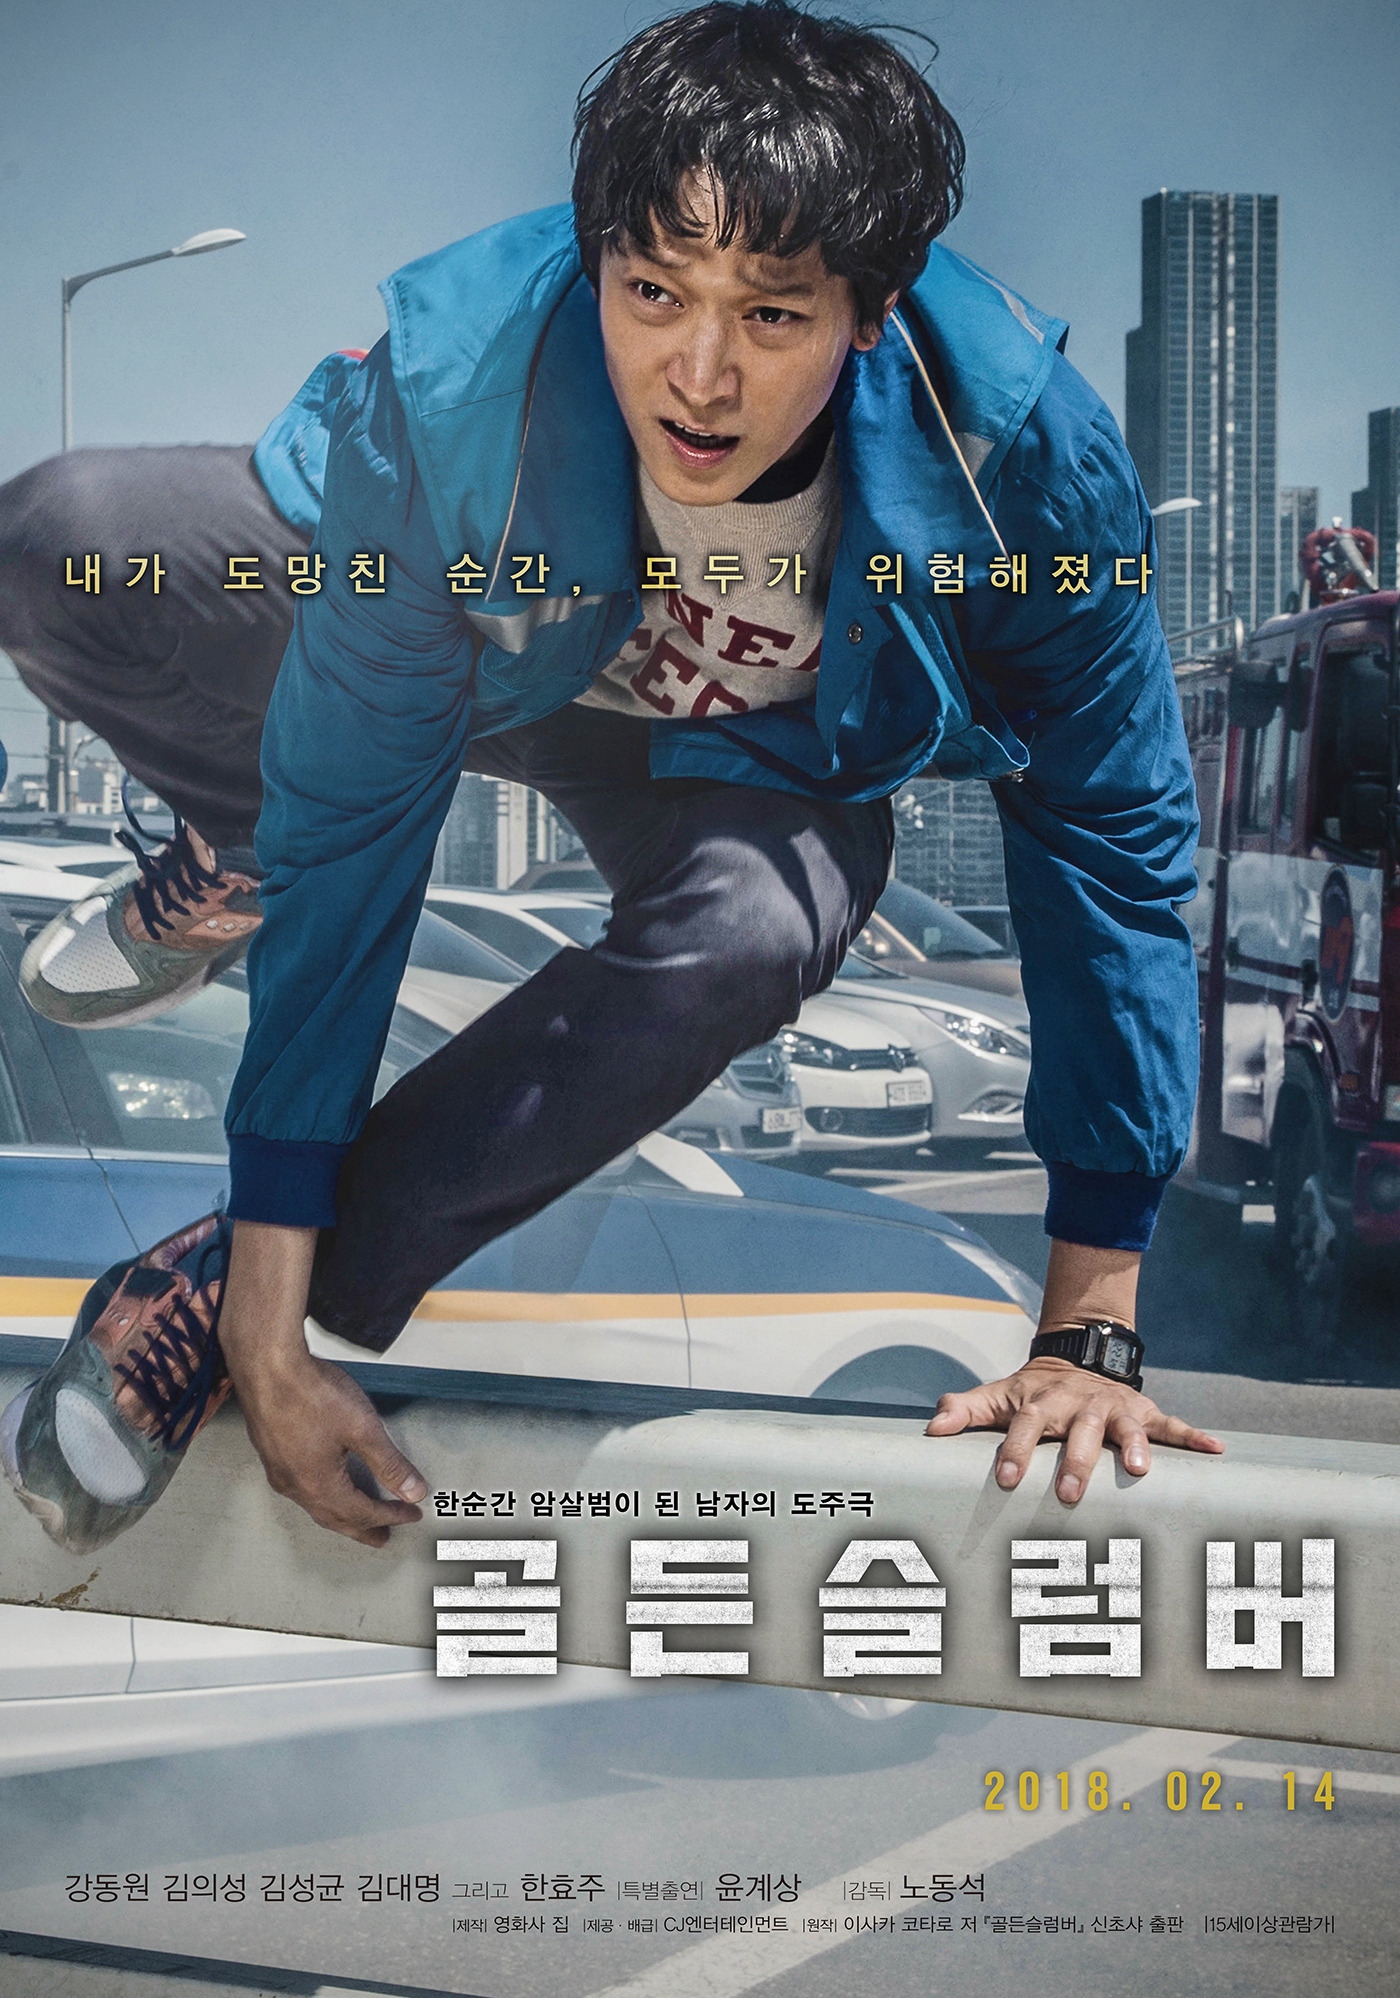 Nbox `골든슬럼버` 韓 영화 예매율 1위…`동원 is 뭔들` 또 통할까